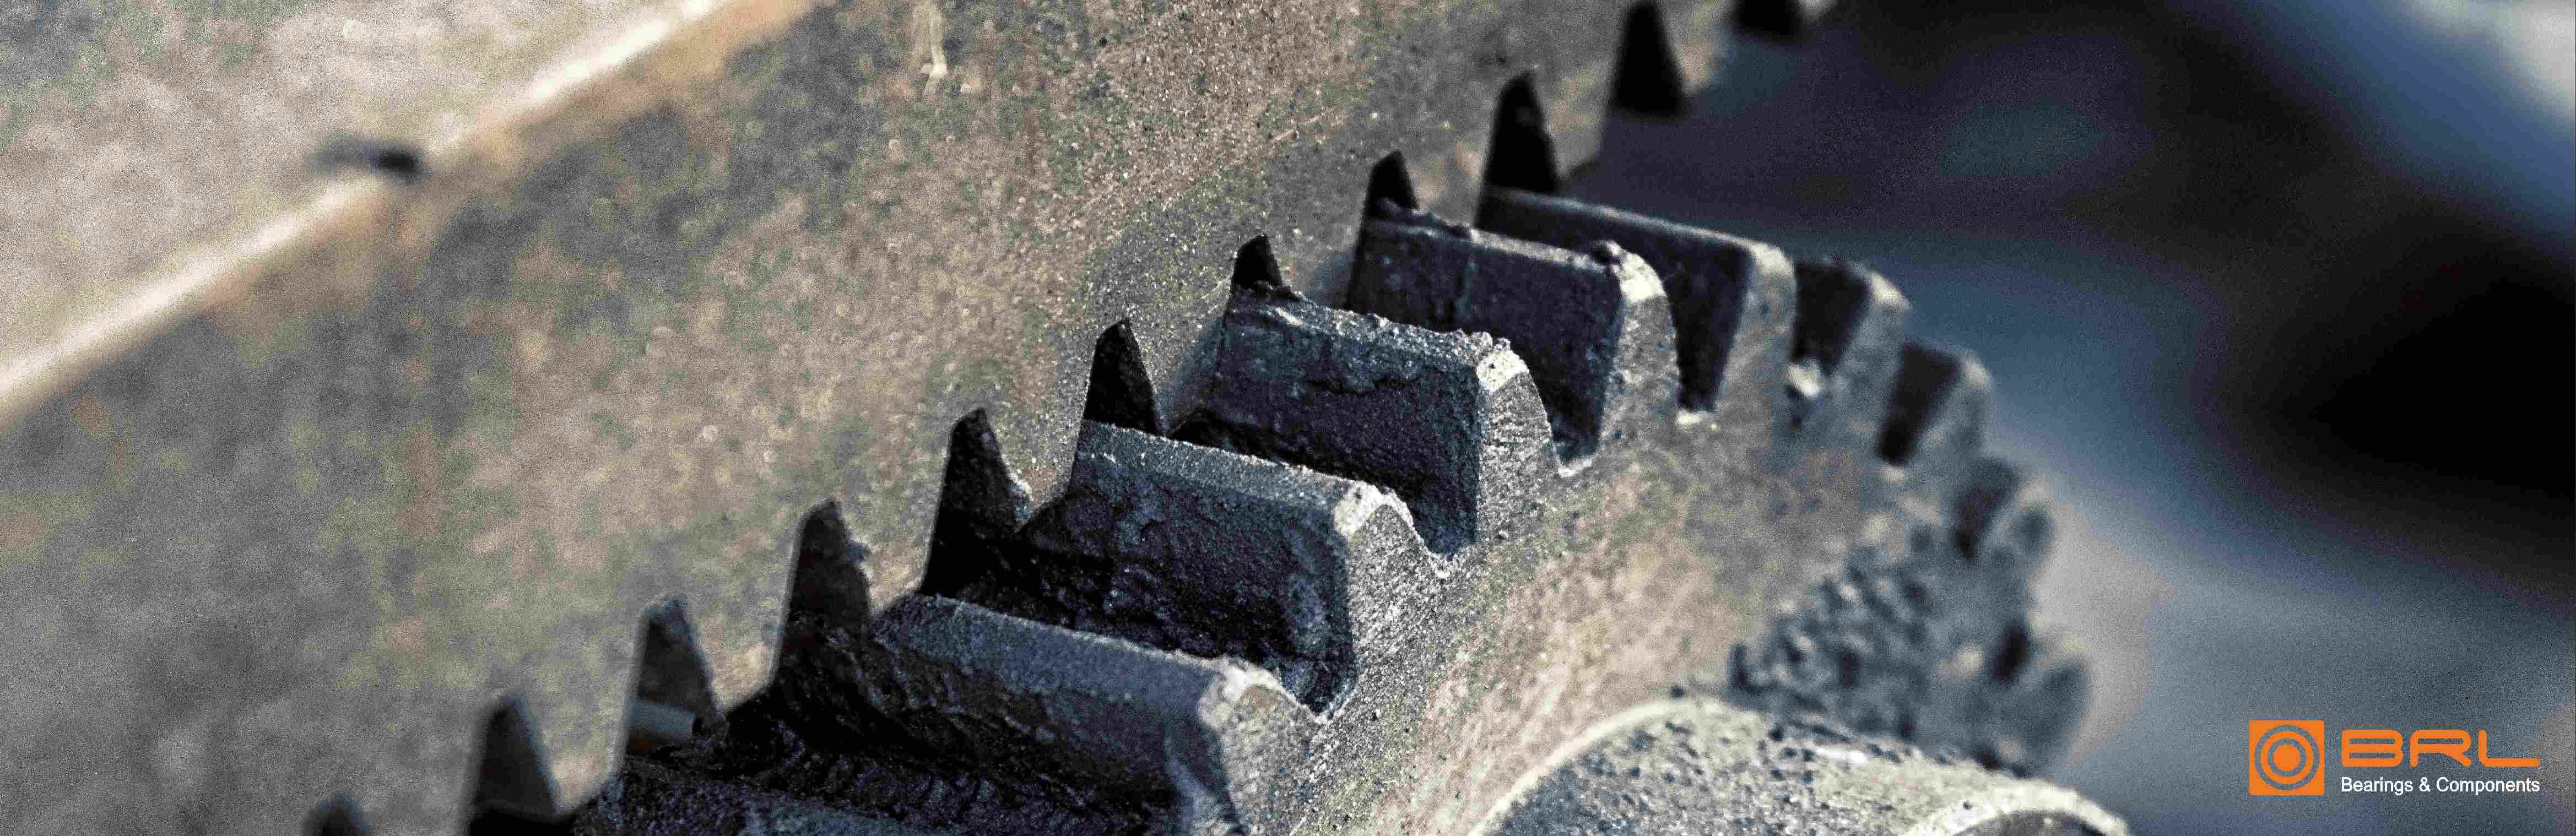 Fabricacion y venta de piñones, engranajes y cremalleras a medida